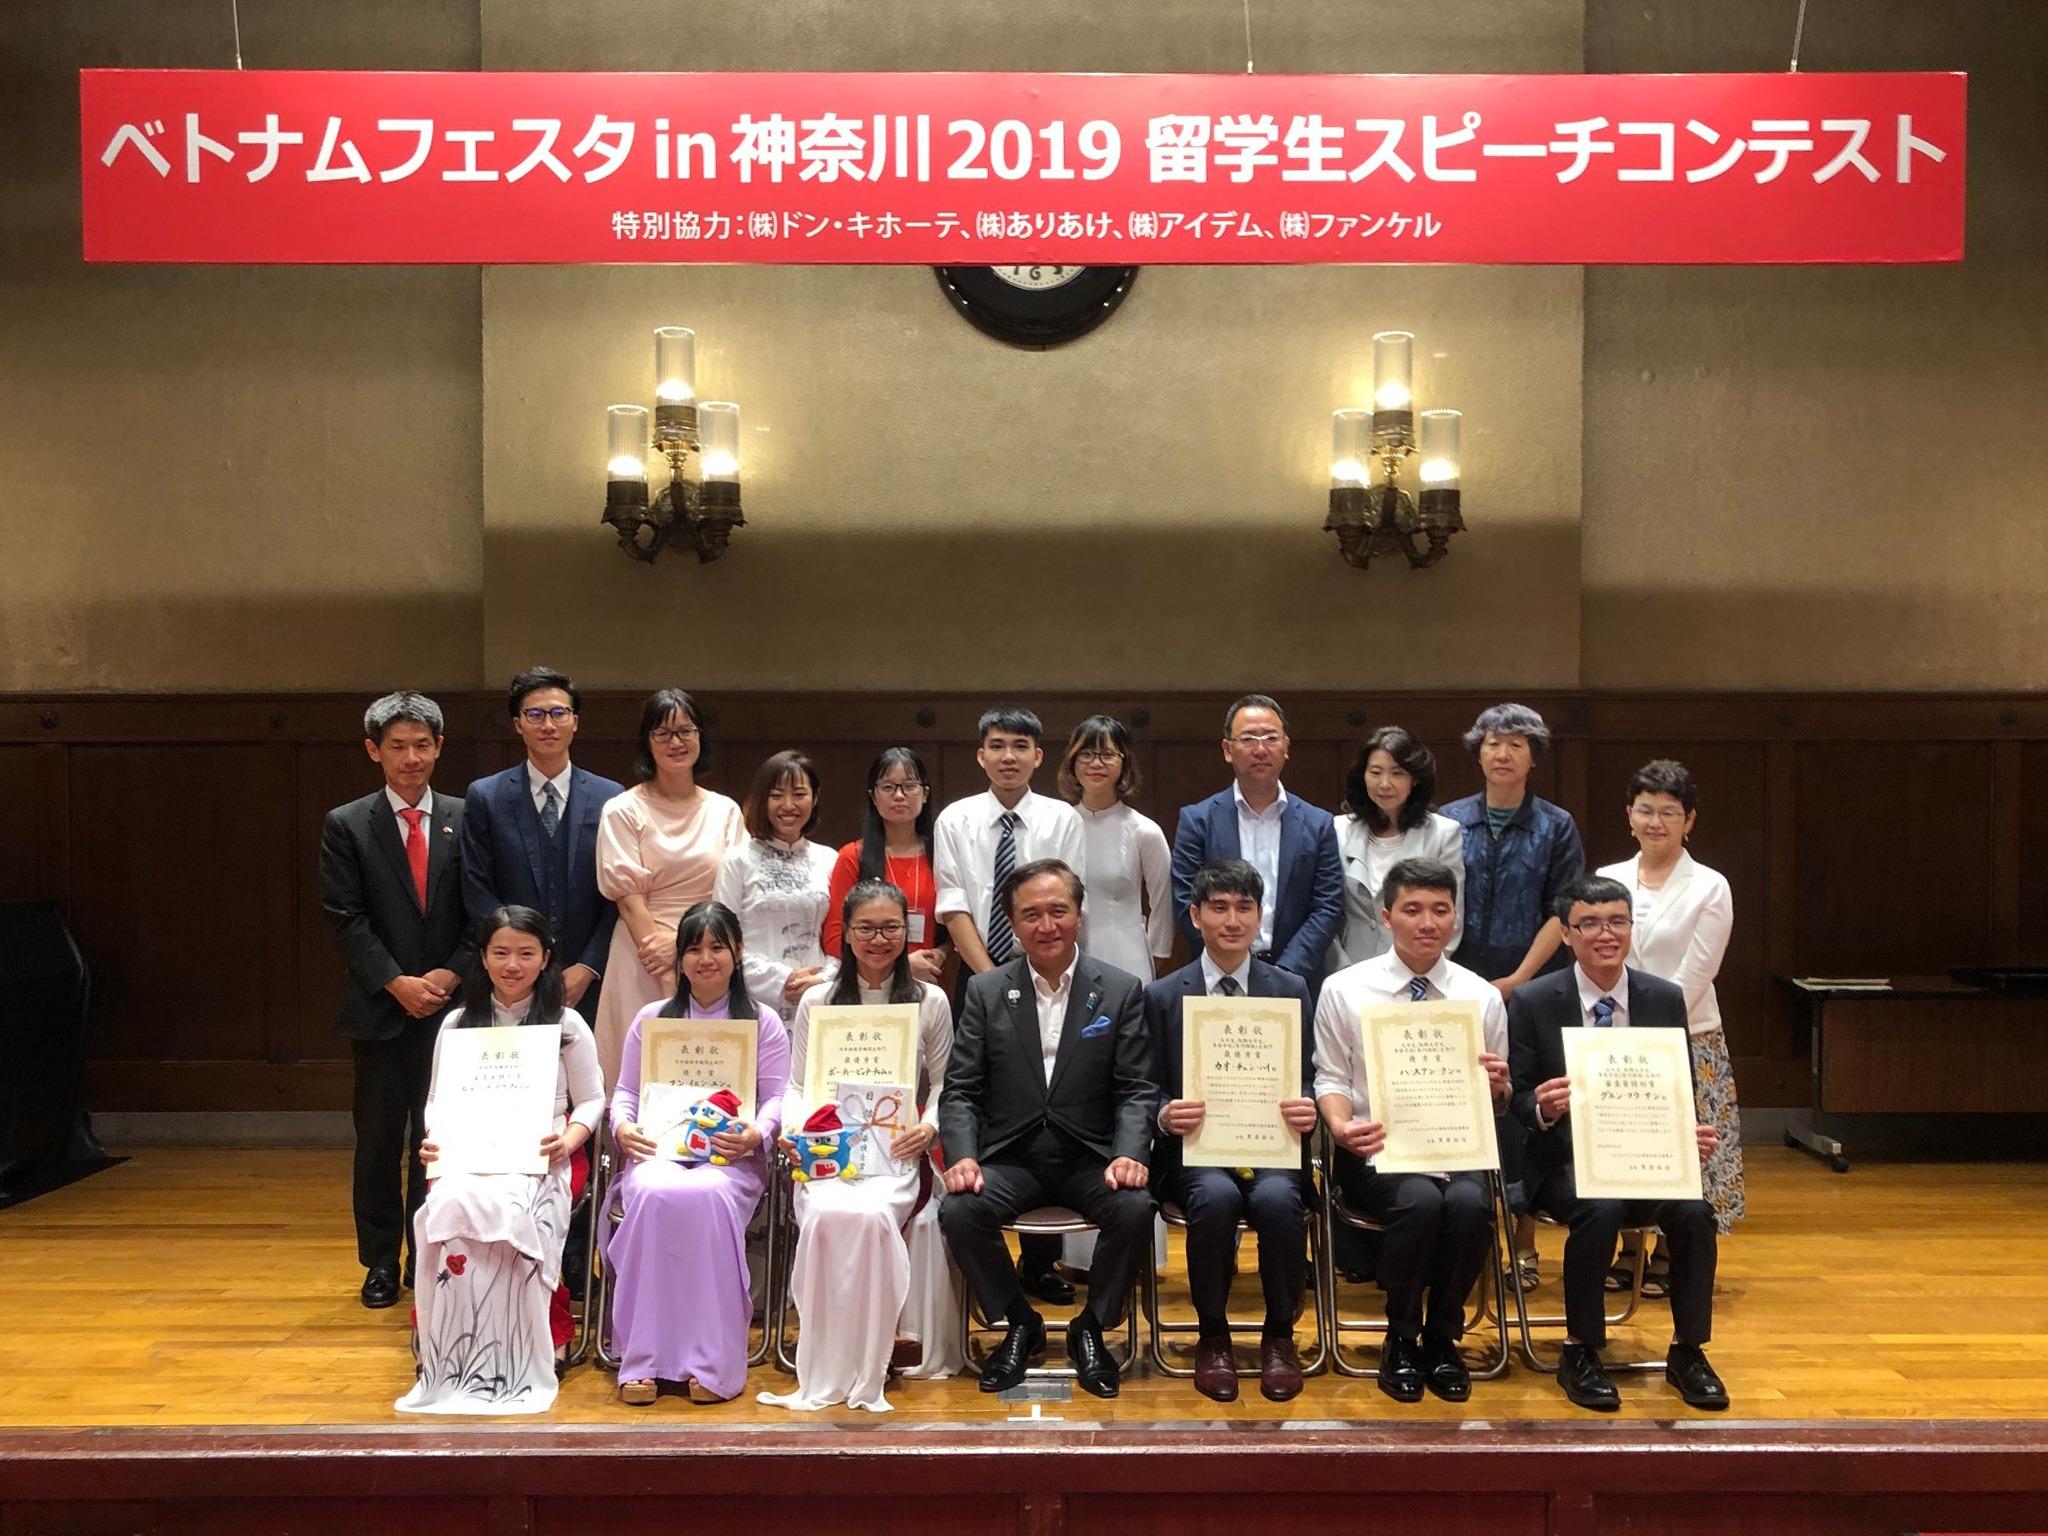 ベトナムフェスタin神奈川2019留学生スピーチコンテスト002img